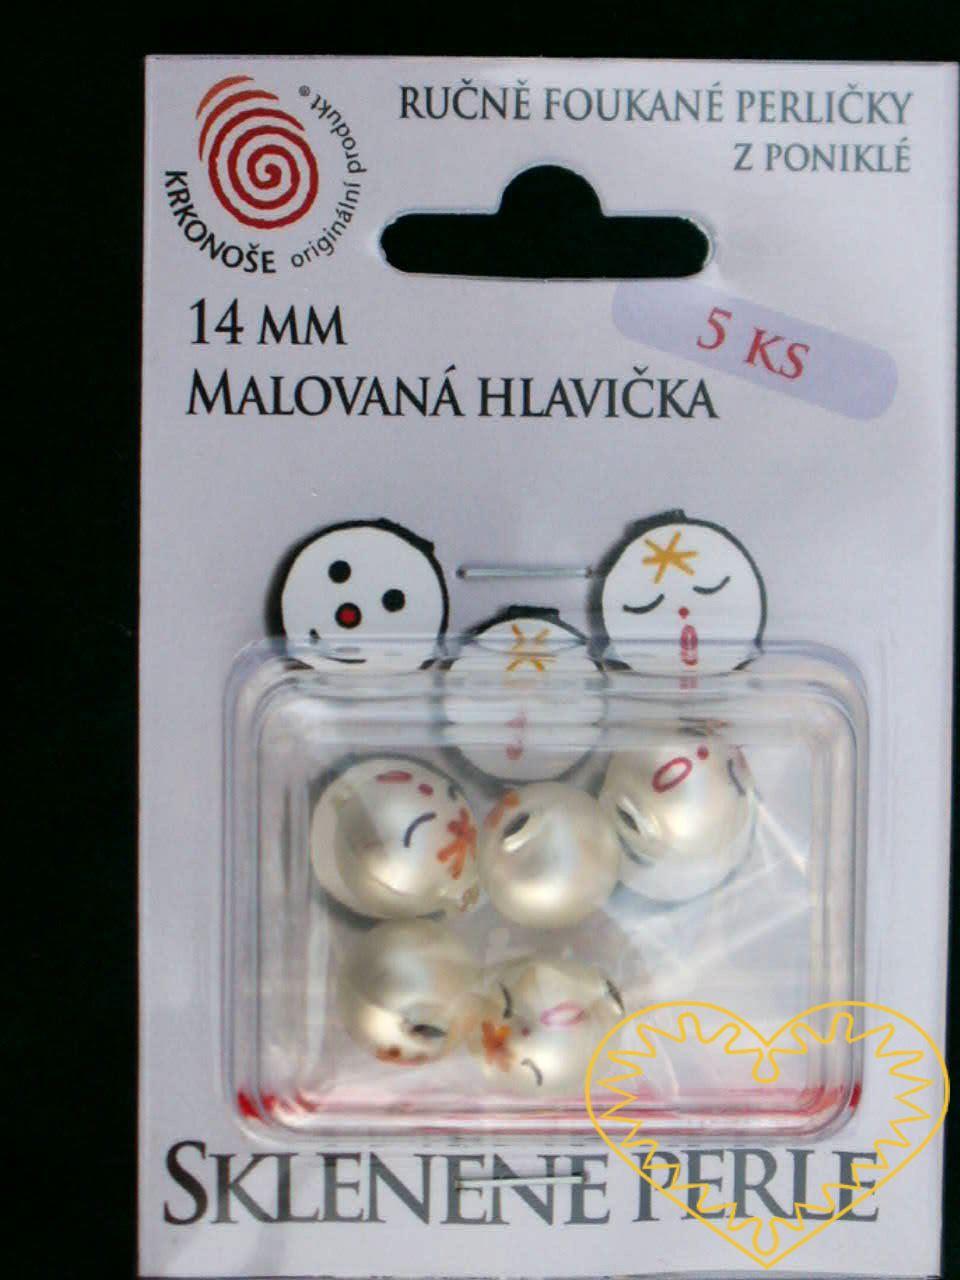 Ručně foukané a malované matné skleněné perle - znázorňující obličej - ø 14 mm. Hlavičky jsou baleny v plastovém blistru po 5 ks s možností závěsu. Jedná se o komponenty určené pro výrobu figurek a vánočních ozdob. Vzhledem k ostrým hranám skl